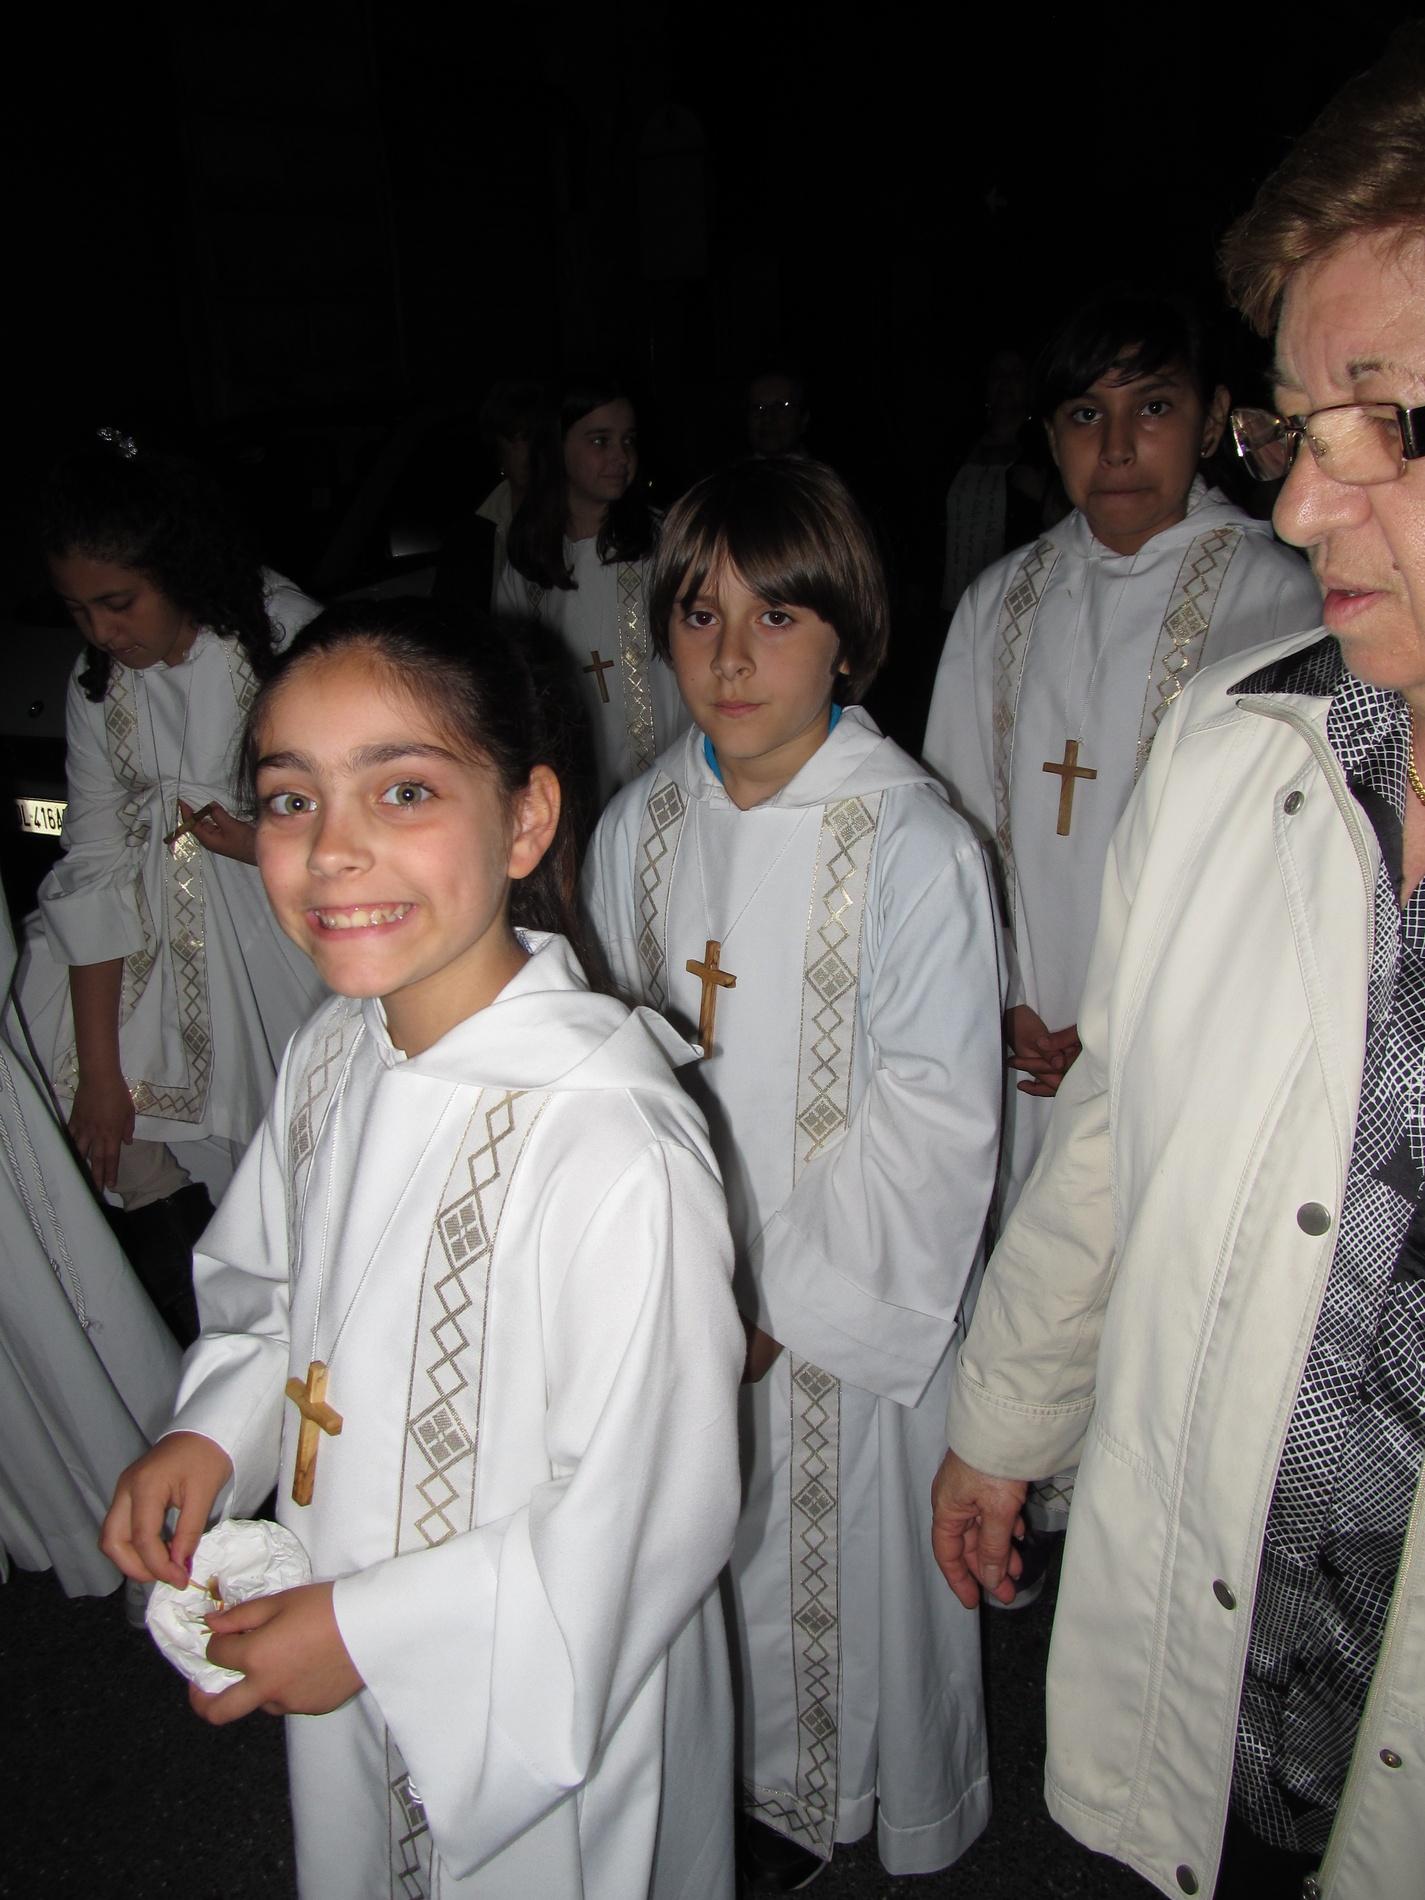 processione-madonna-2015-05-31-21-33-10